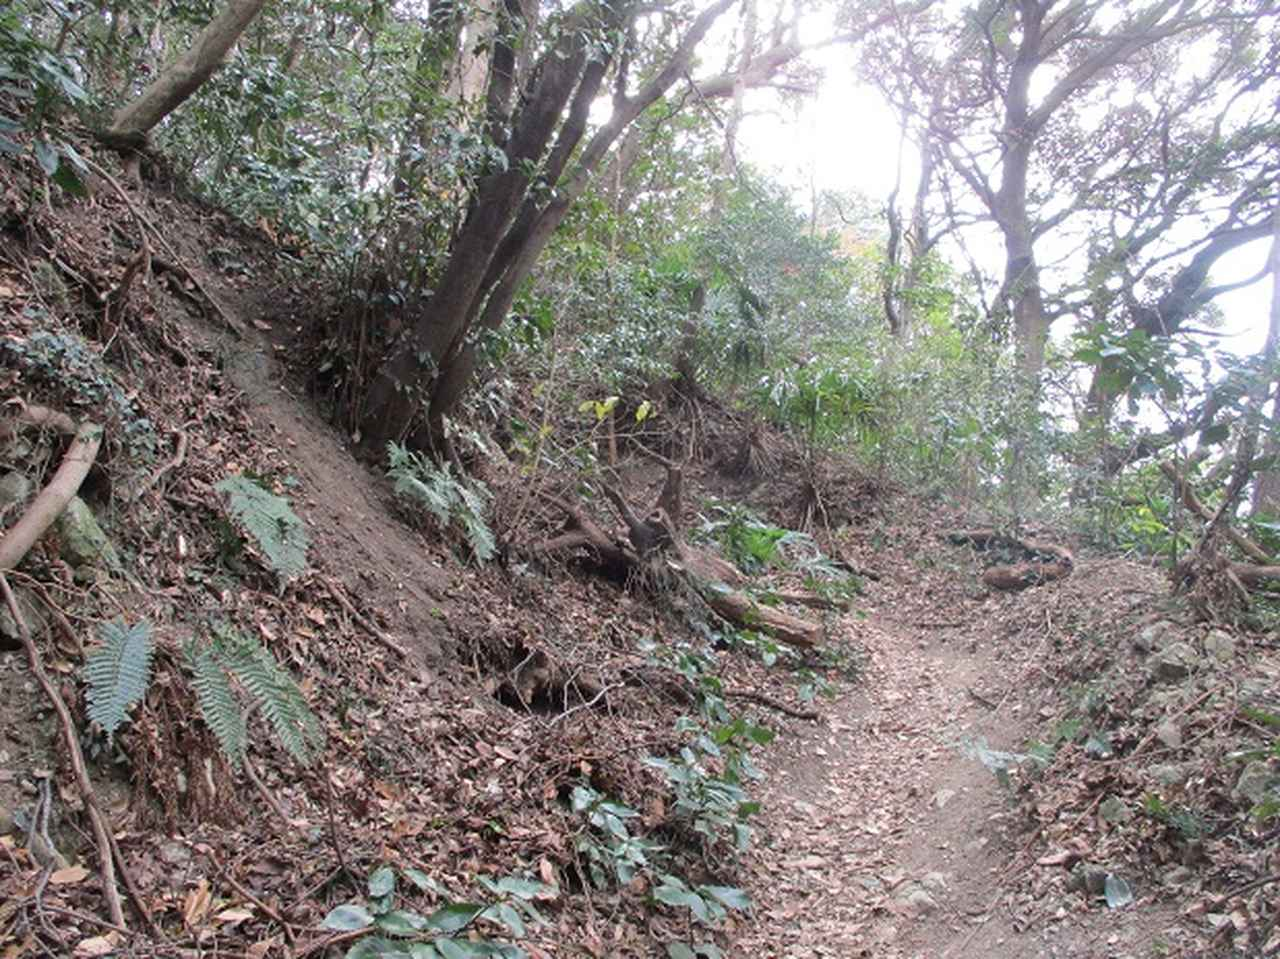 画像3: 【山旅会・登山ガイドこだわりツアー】添乗員からの便り・阿部倉山から二子山ツアーの下見にいってまいりました!